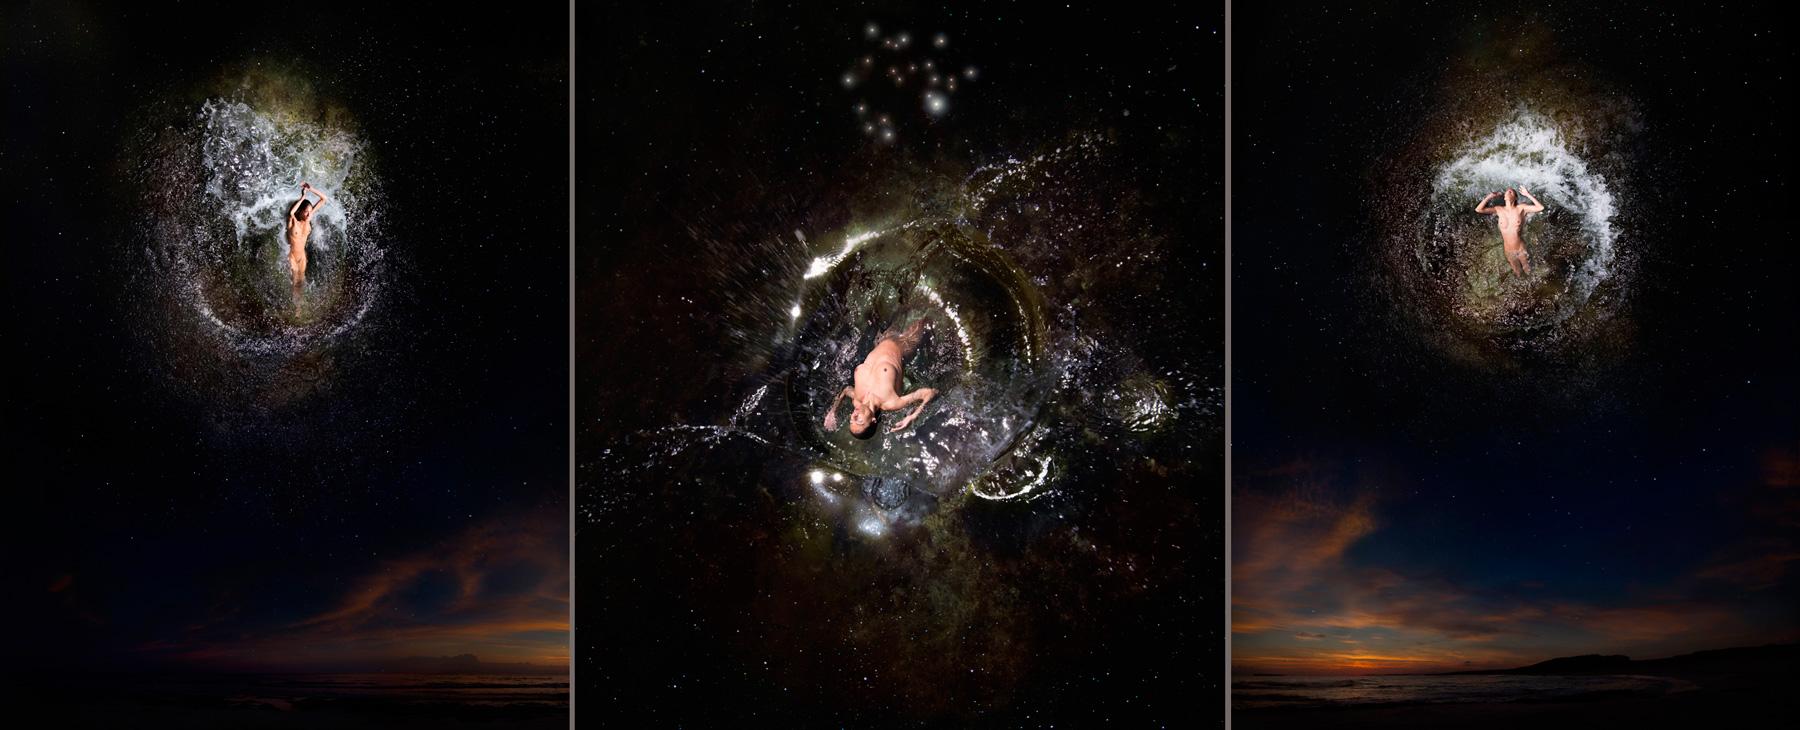 EUFONÍA de la Constelación de SAGITARIO. Fotografía digital nocturna y acuática. Configuración y retoque digitales